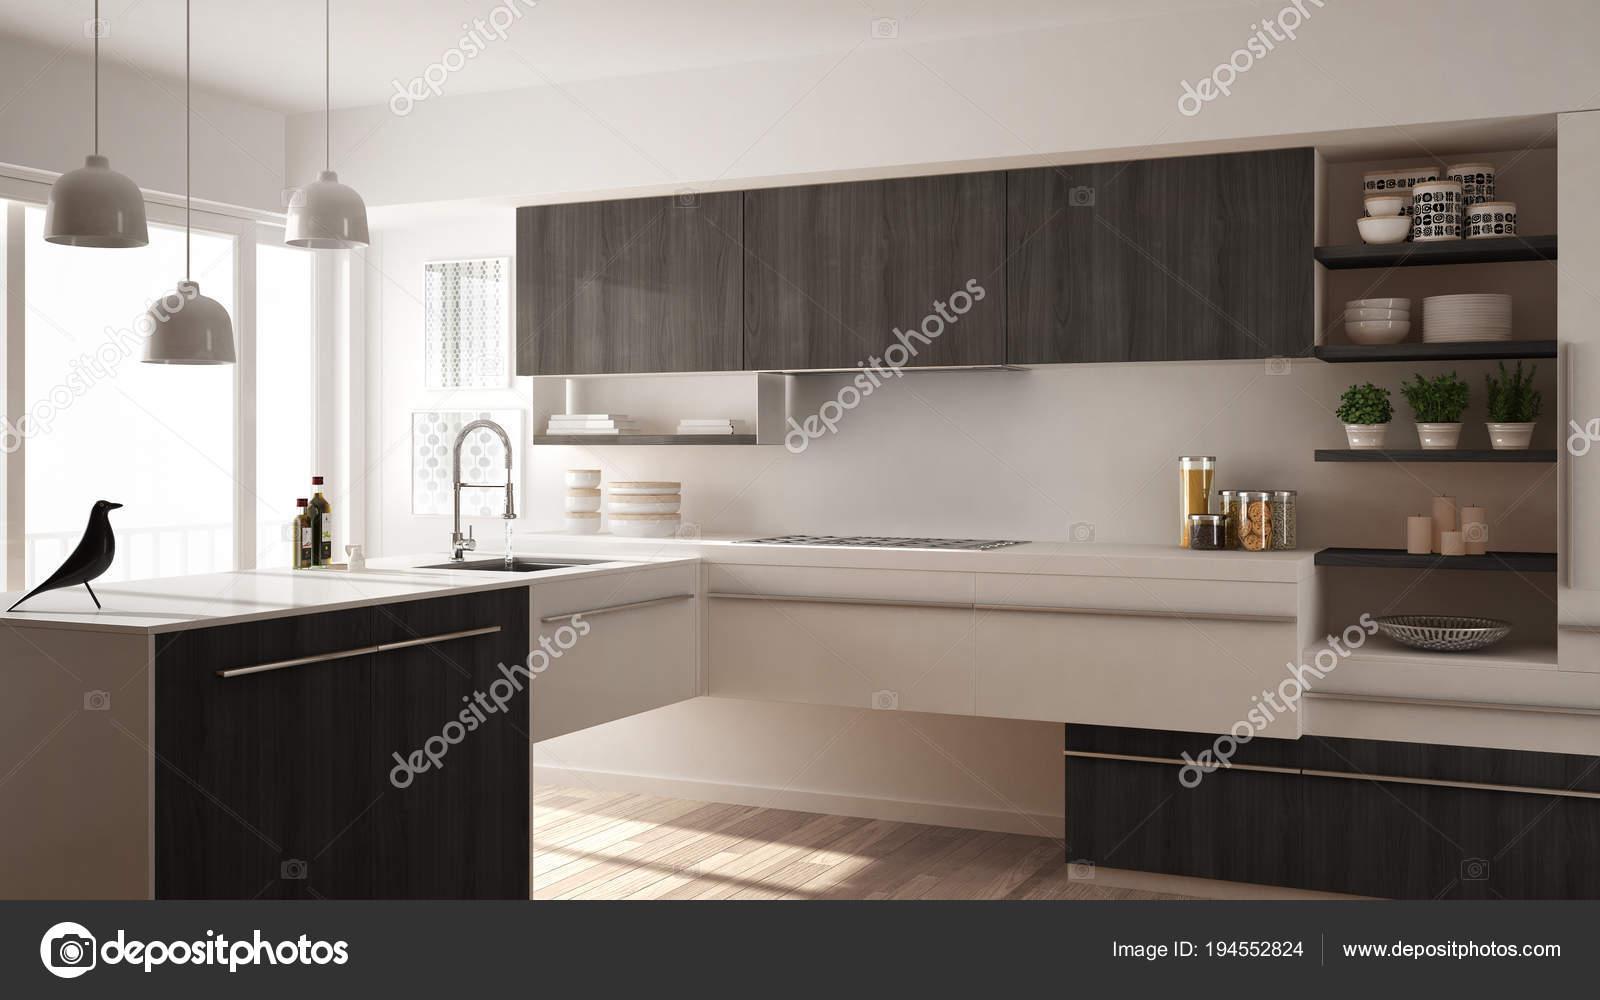 grey kitchen rugs mobile pantry 现代简约木制厨房与实木复合地板 地毯和全景窗口 白色和灰色建筑室内 白色和灰色建筑室内设计 照片作者archiviz